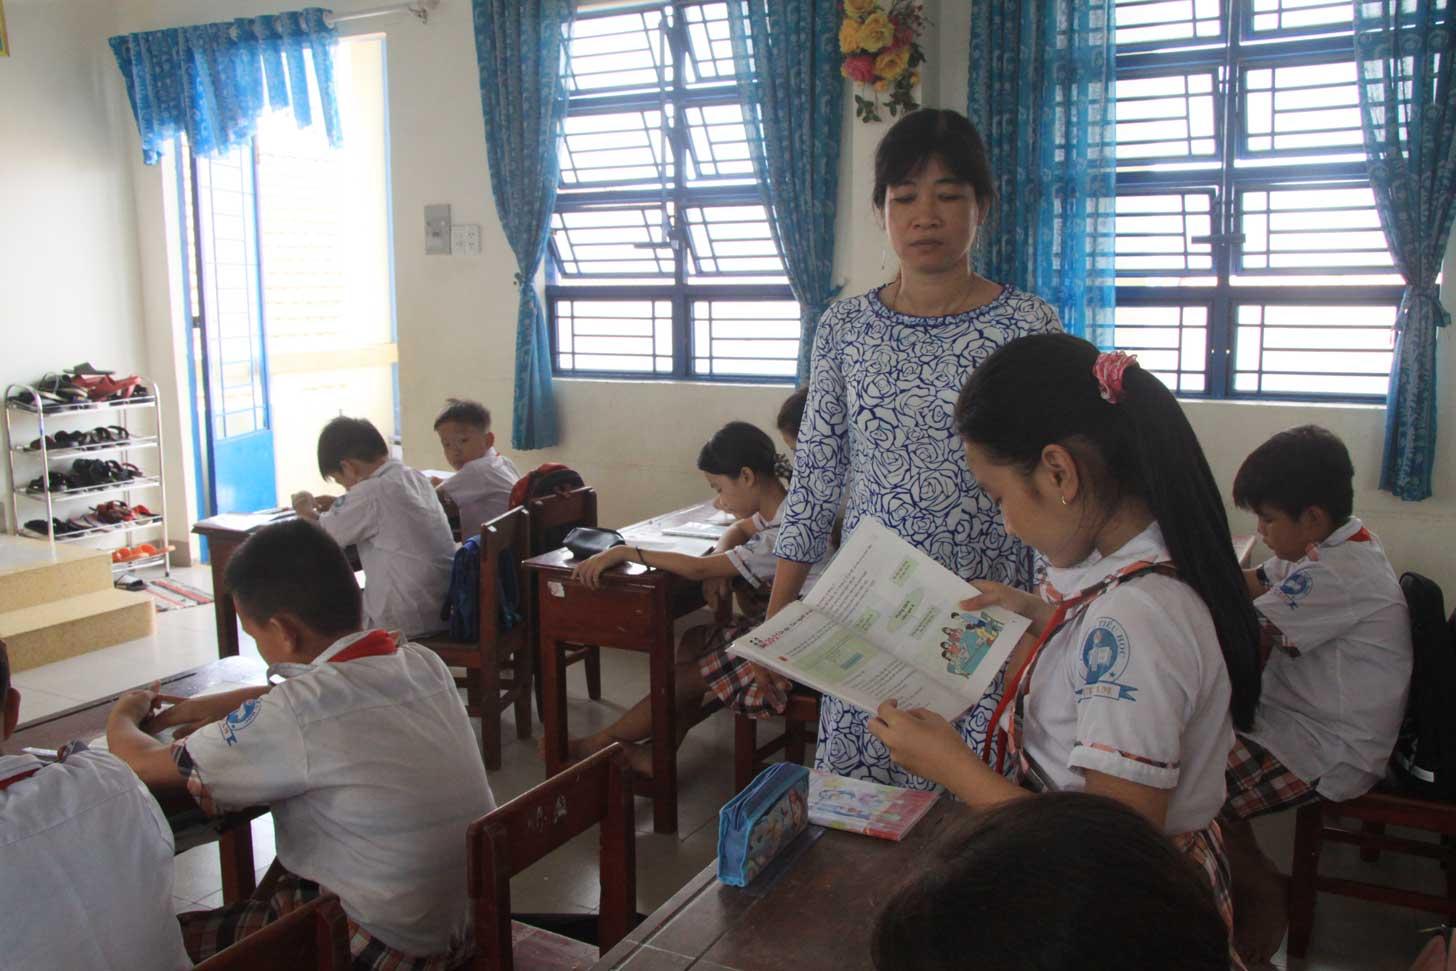 Cô Nguyễn Thị Thúy Diễm luôn quan tâm đến từng học sinh